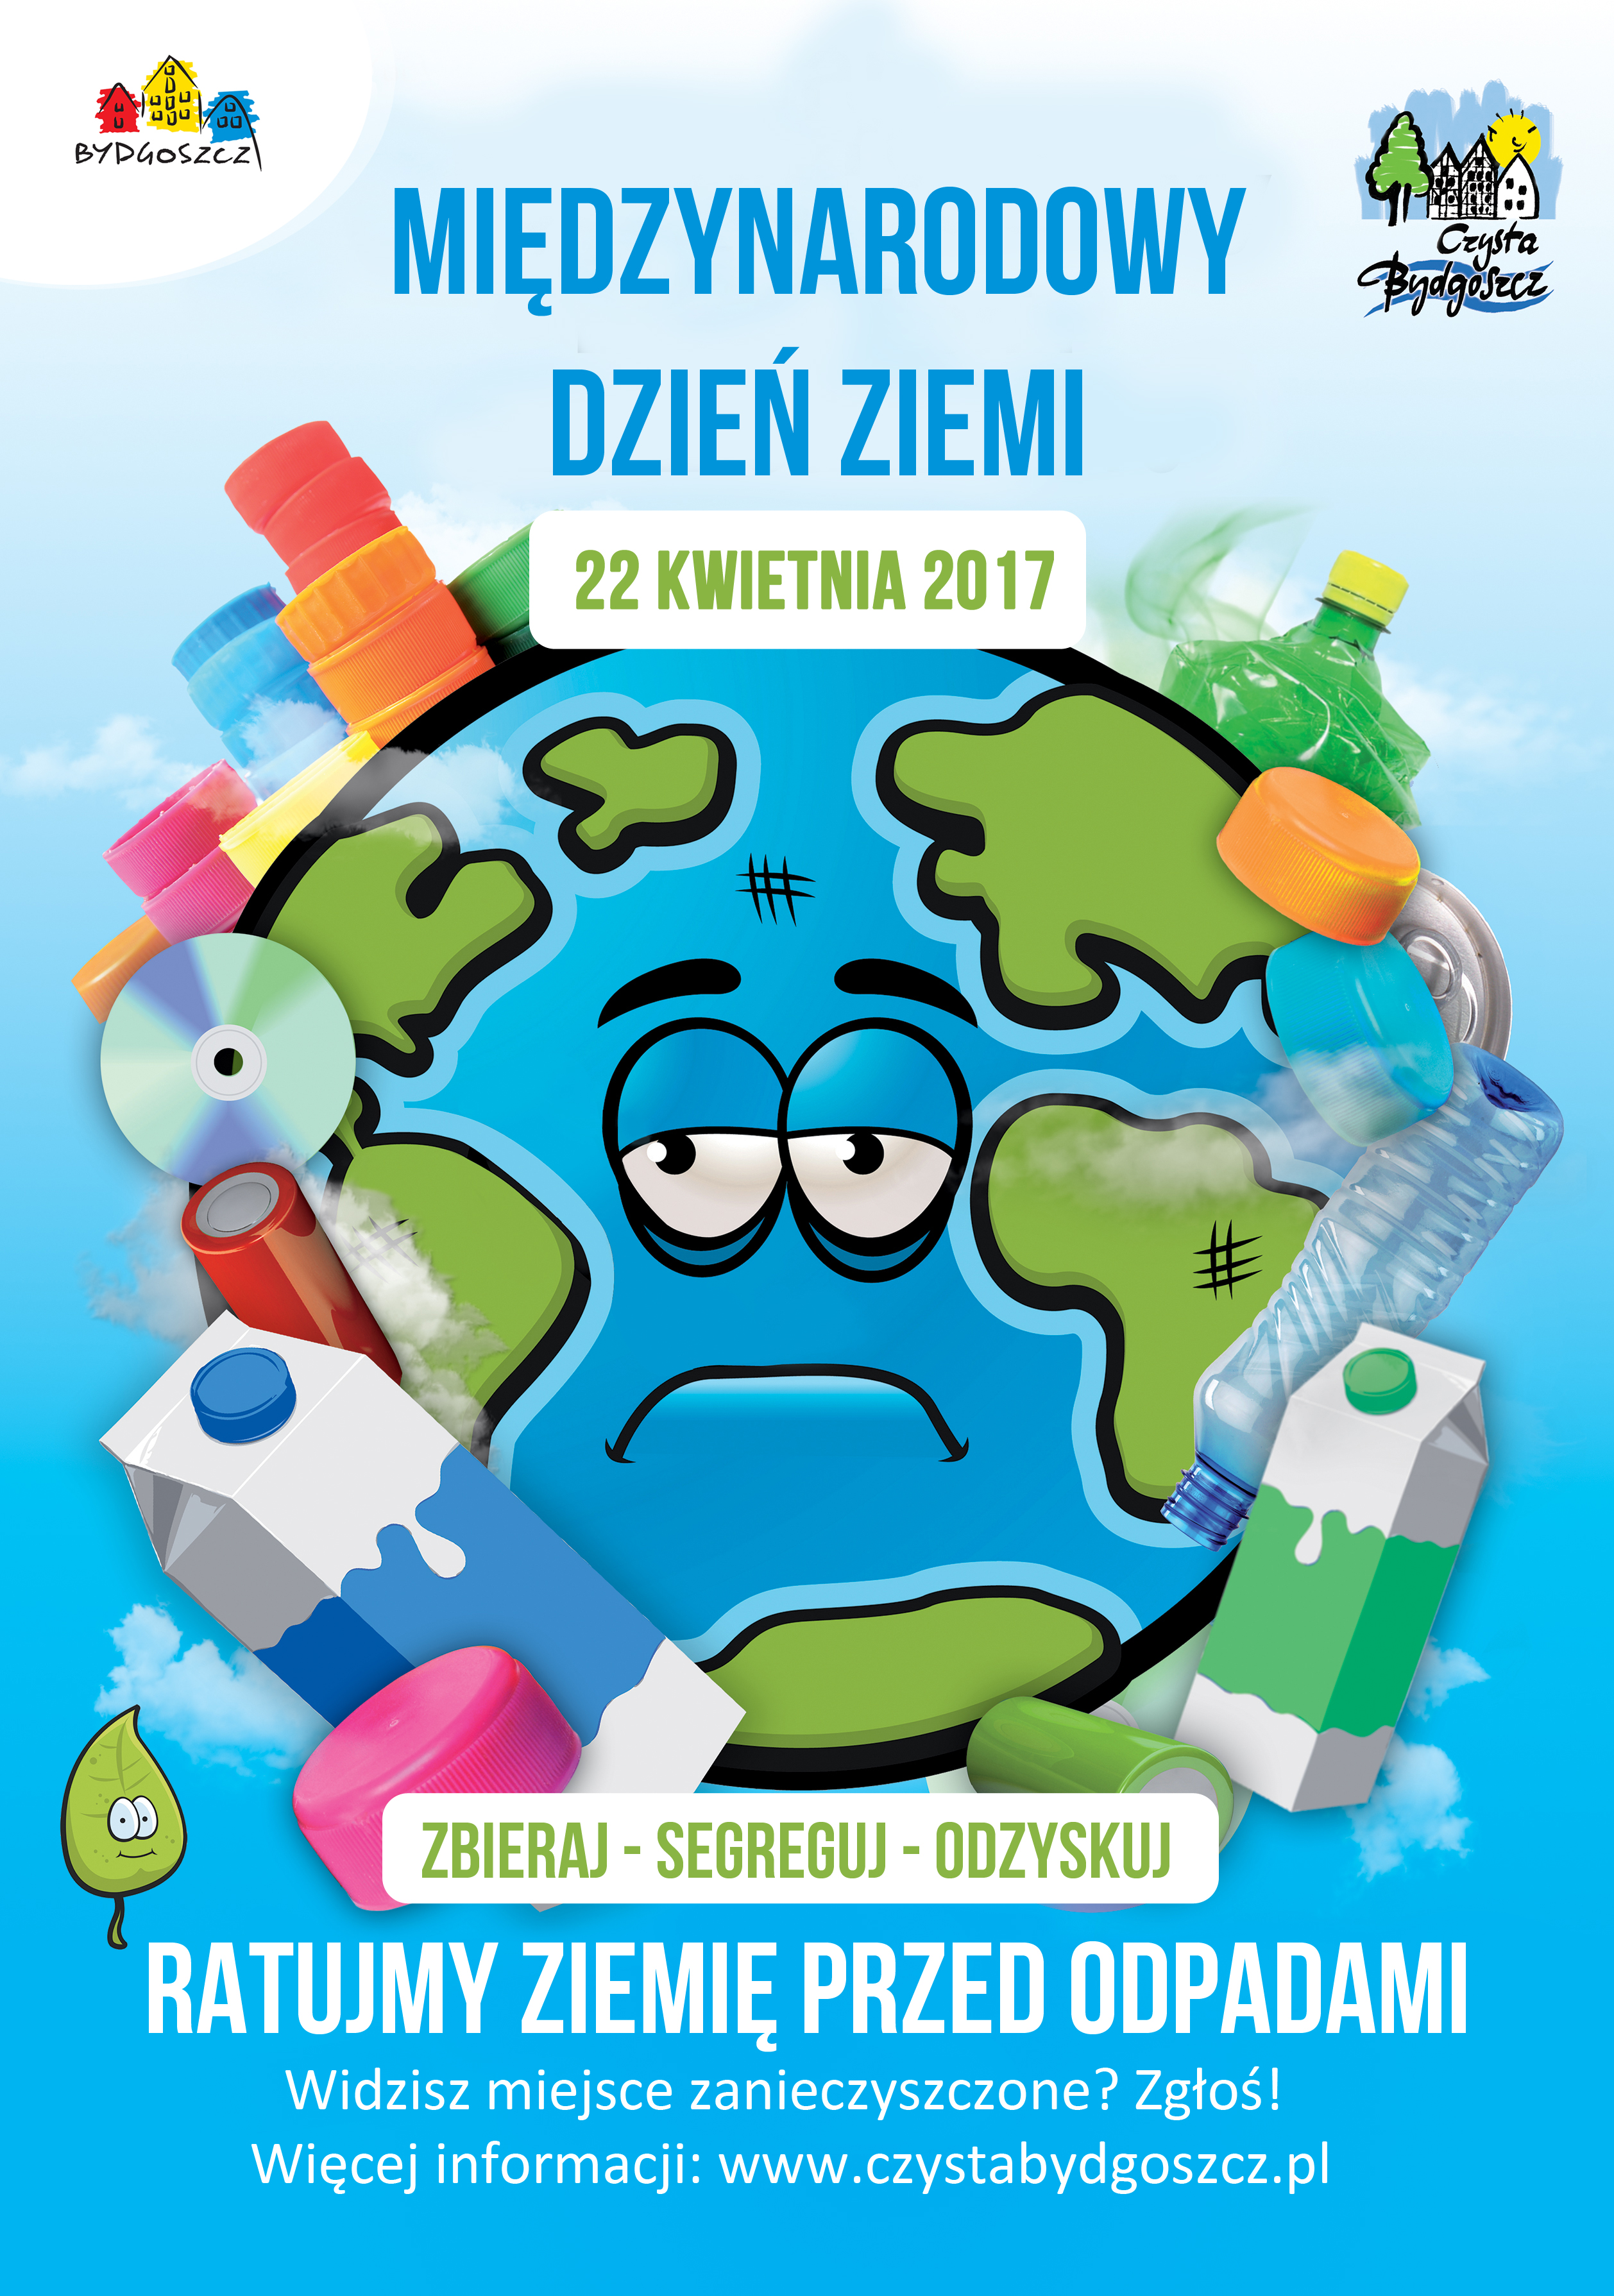 Międzynarodowy Dzień Ziemi 2017 Czysta Bydgoszcz Odpady